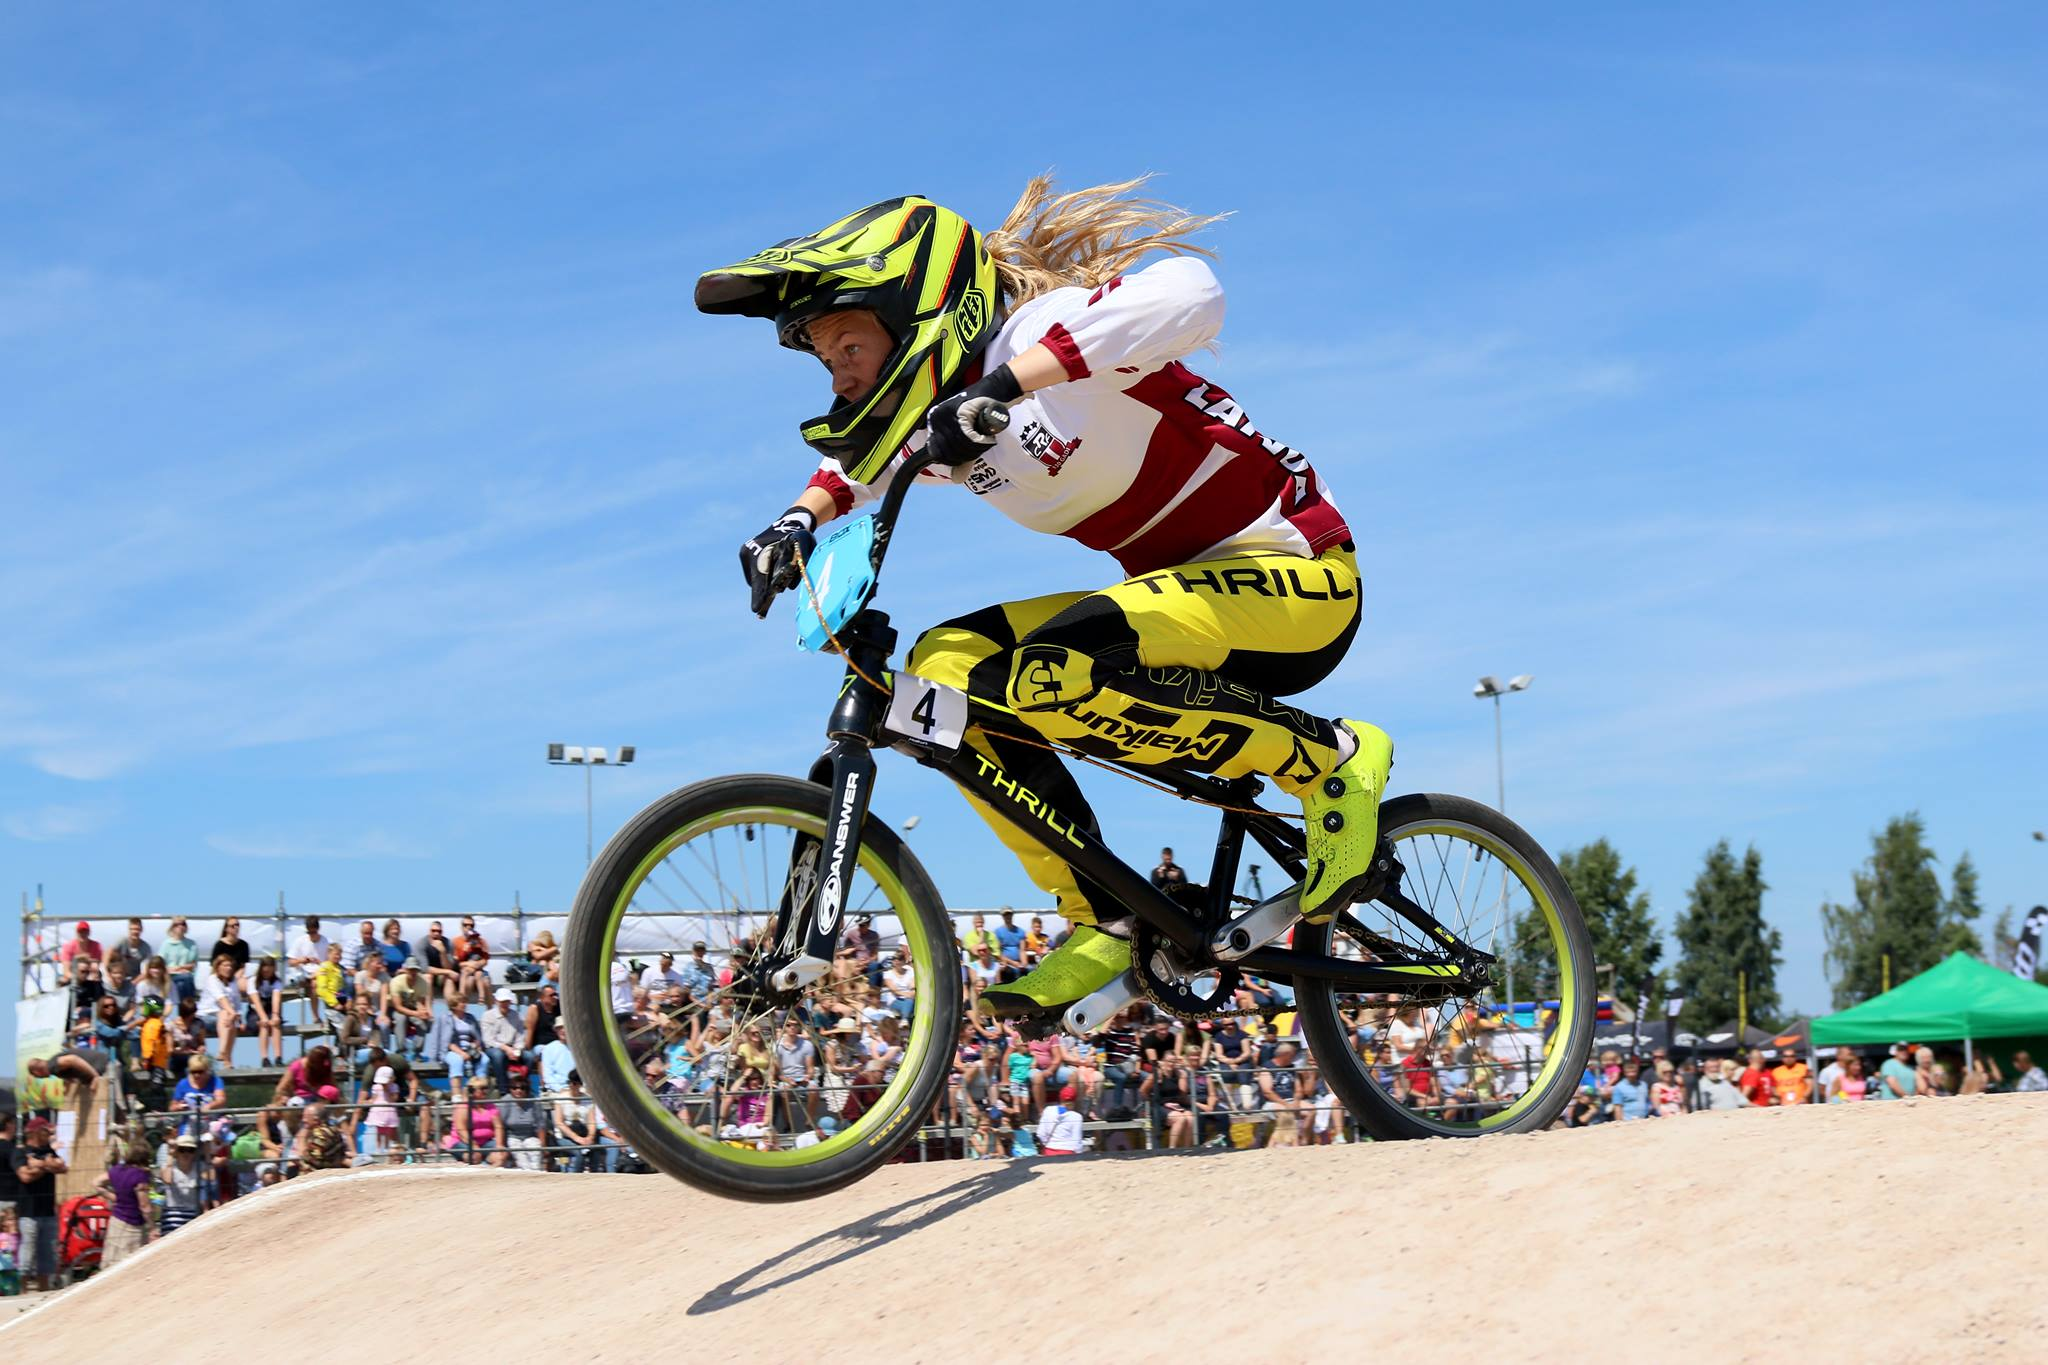 Glāzere izcīna 11. vietu pasaules čempionātā BMX juniorēm